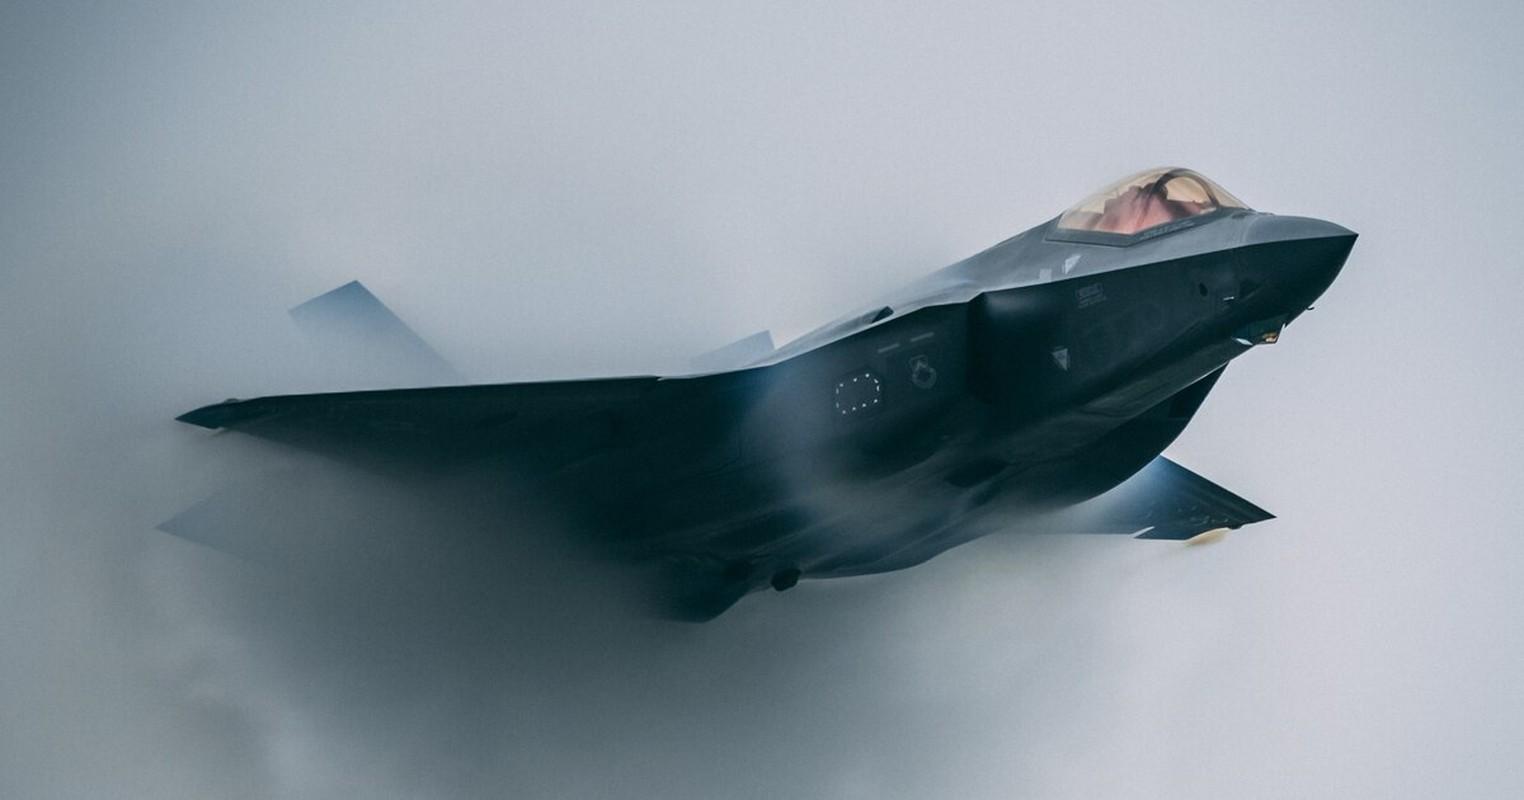 Khong phai ten lua S-400, day moi la moi de doa lon nhat voi F-35-Hinh-15